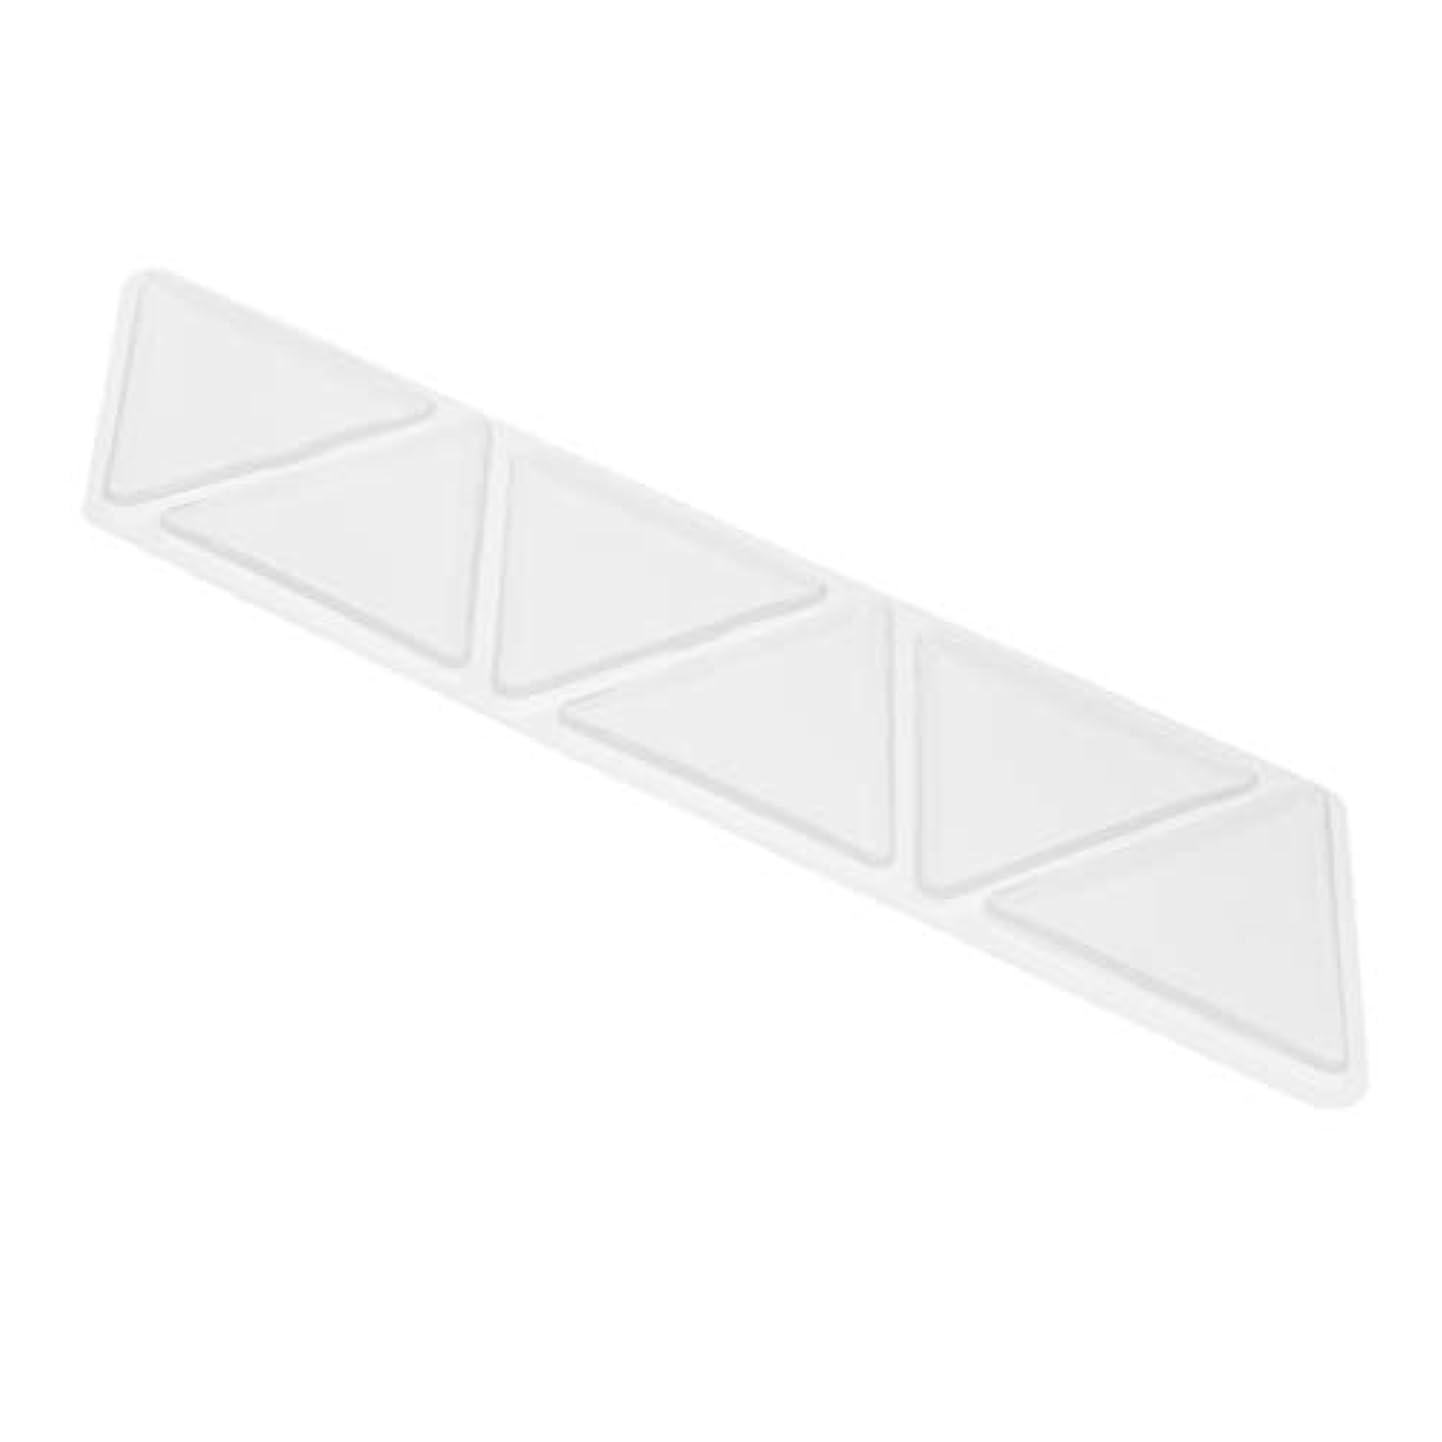 ネクタイ発言するびんD DOLITY シリコーン アンチリンクル 額 パッド パッチスキンケア 三角パッド 6個セット